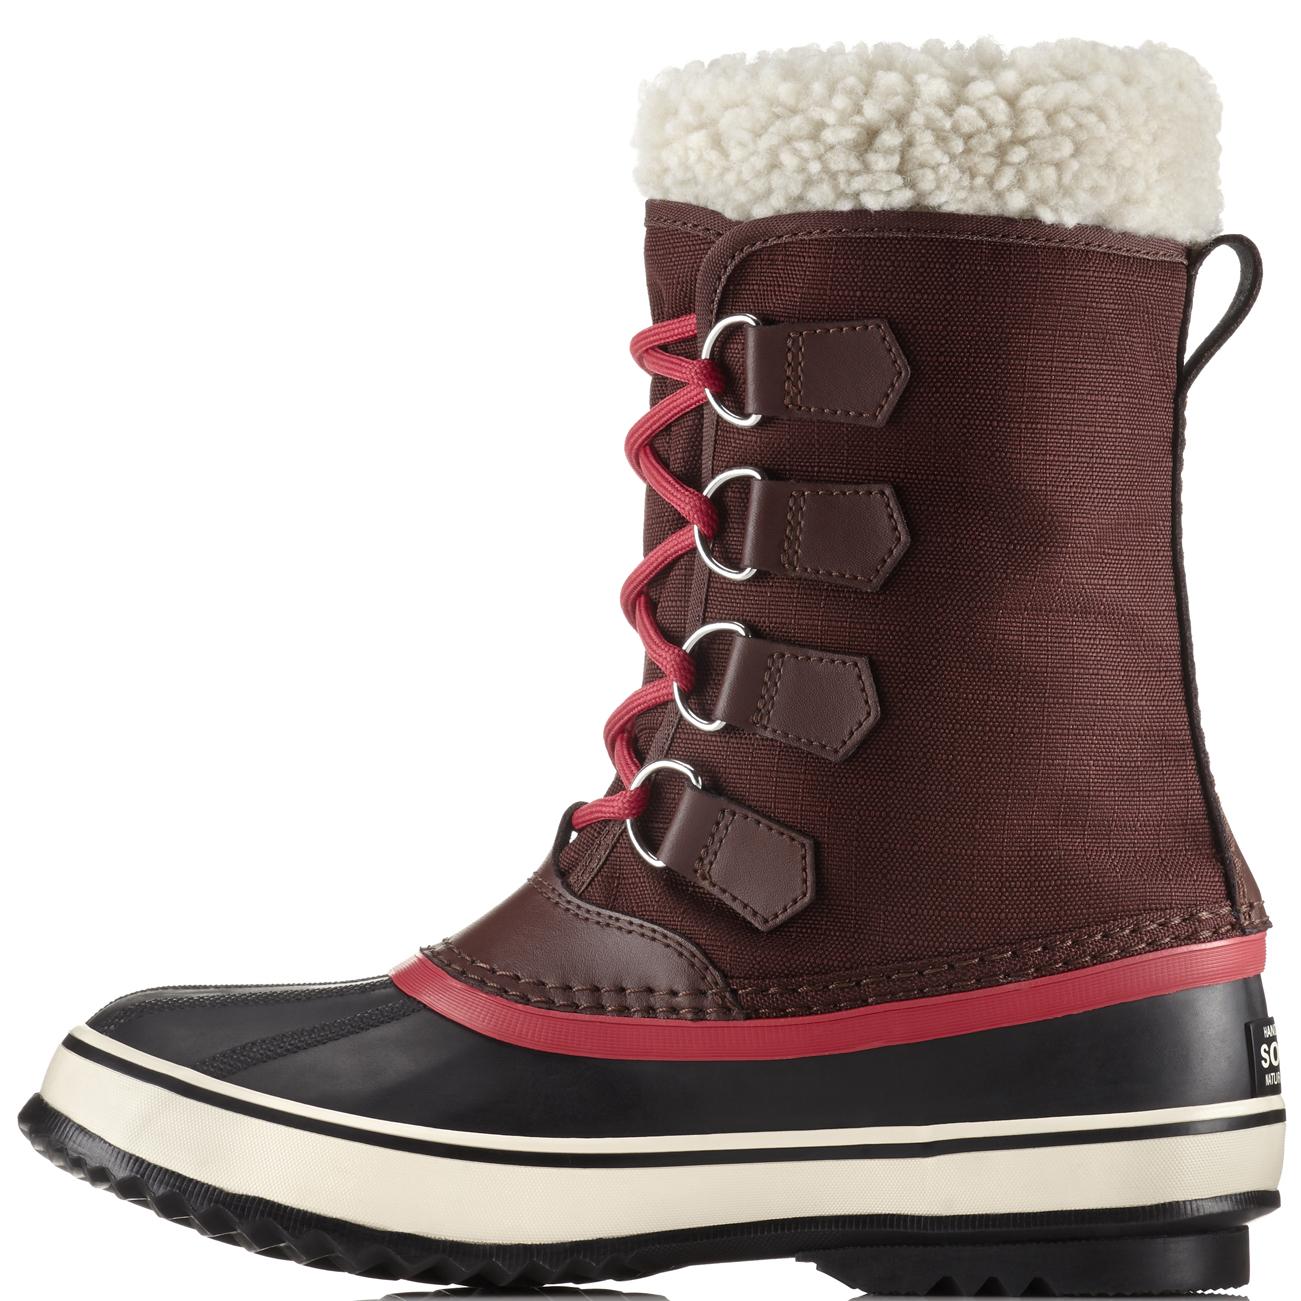 Damenschuhe Sorel Thermal Winter Carnival Waterproof Winter Thermal Sorel Warm Mid Calf Boot UK 3-9 a2471b